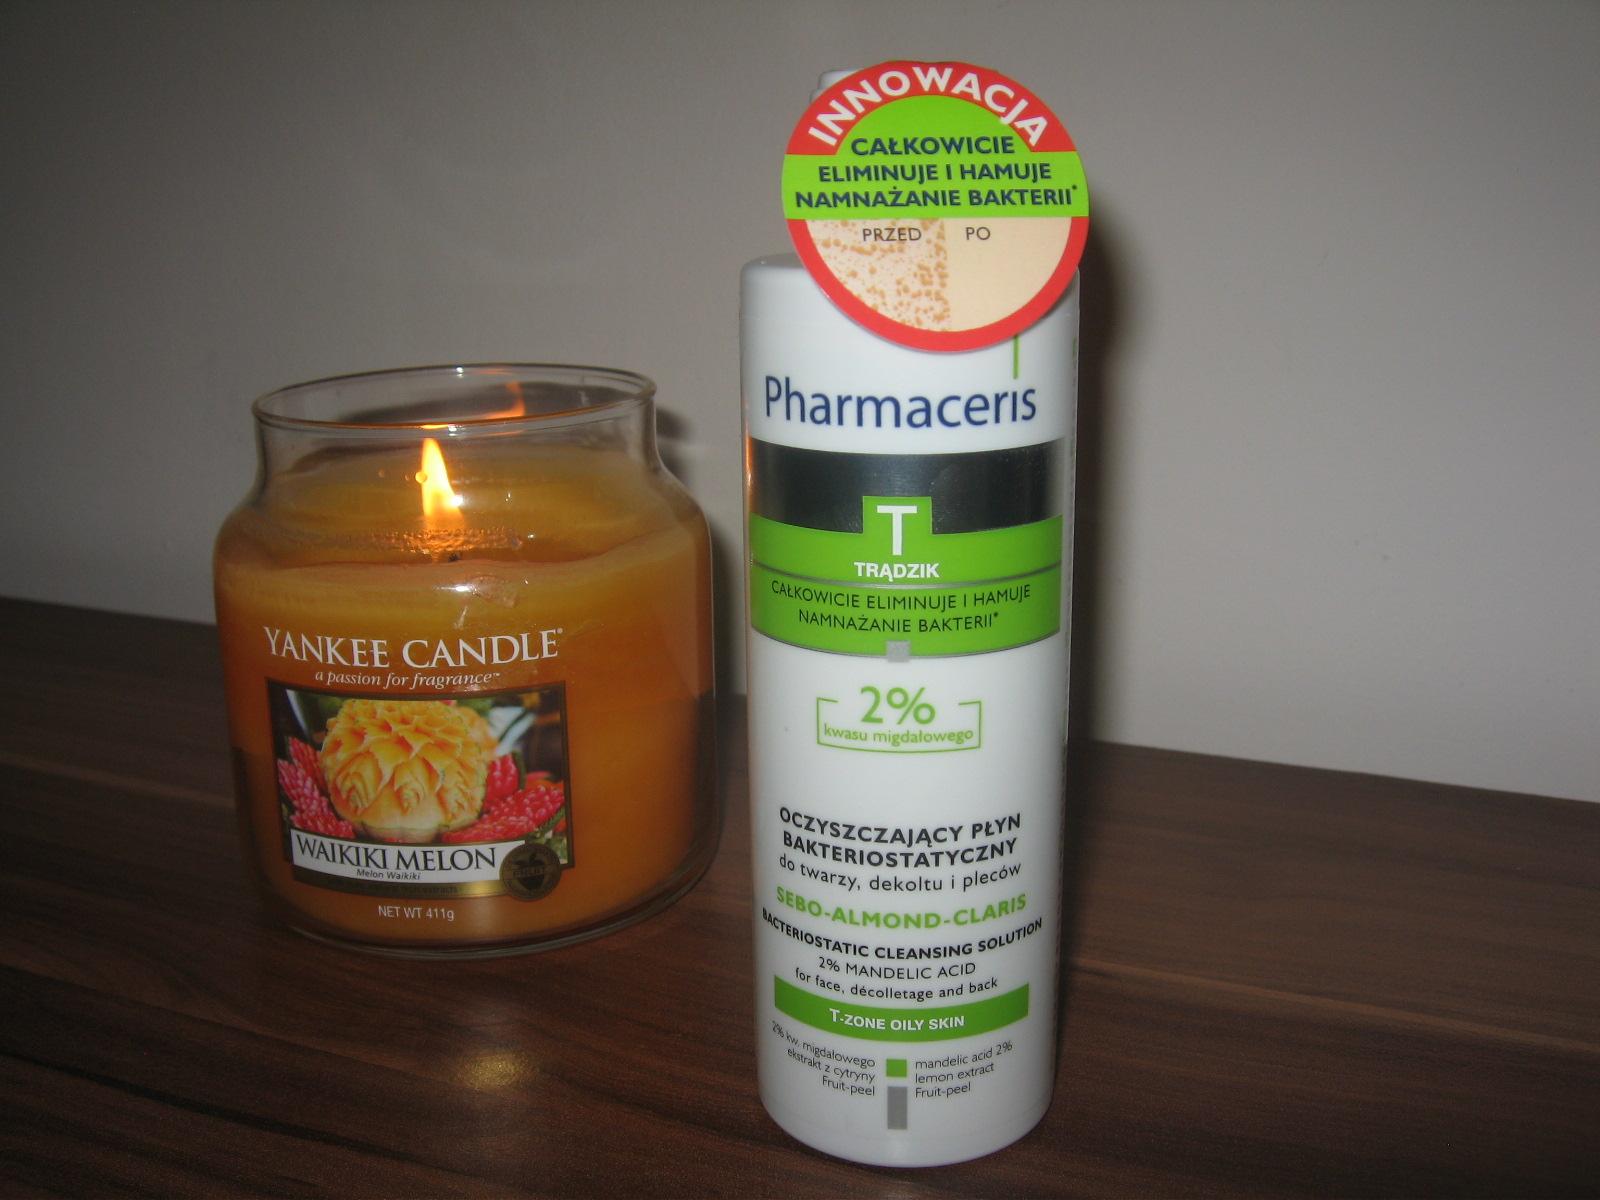 Pharmaceris, oczyszczający płyn bakteriostatyczny do twarzy, dekoltu i pleców 2% kwasu migdałowego